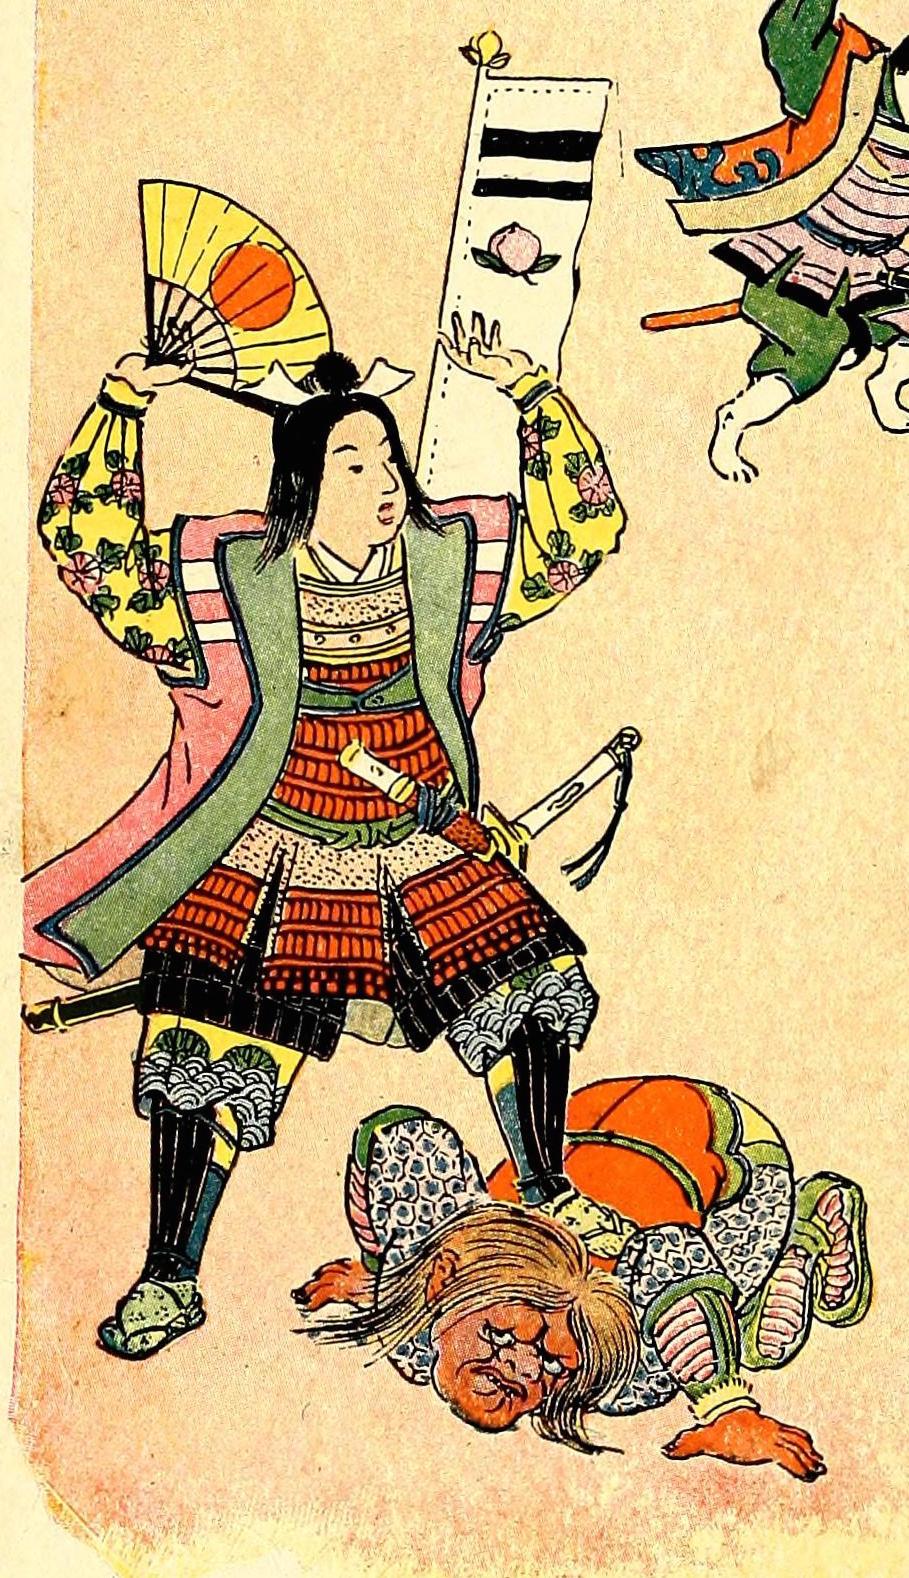 Momotarō